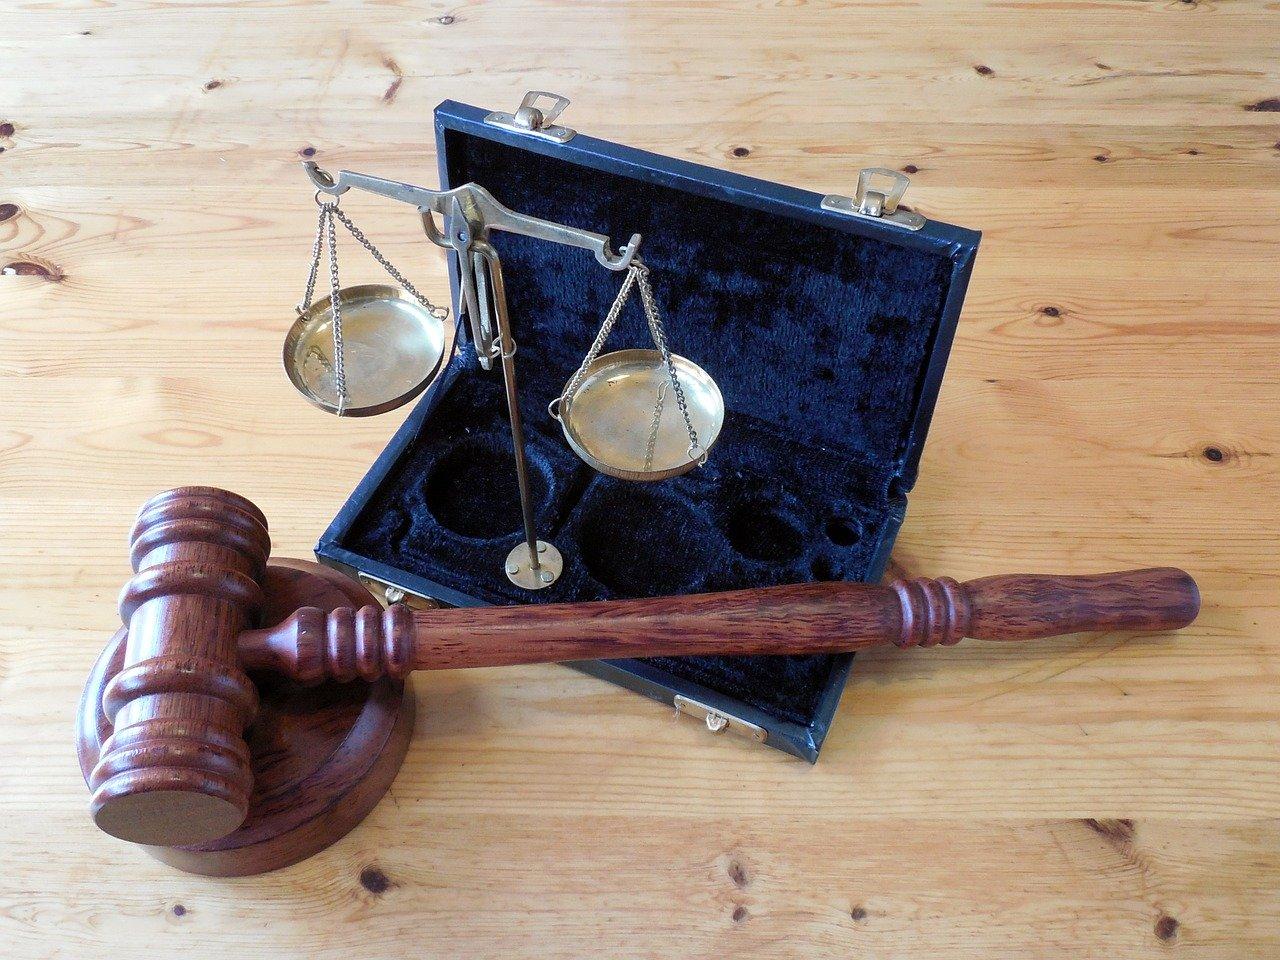 עורך דין לענייני צוואה באלעד